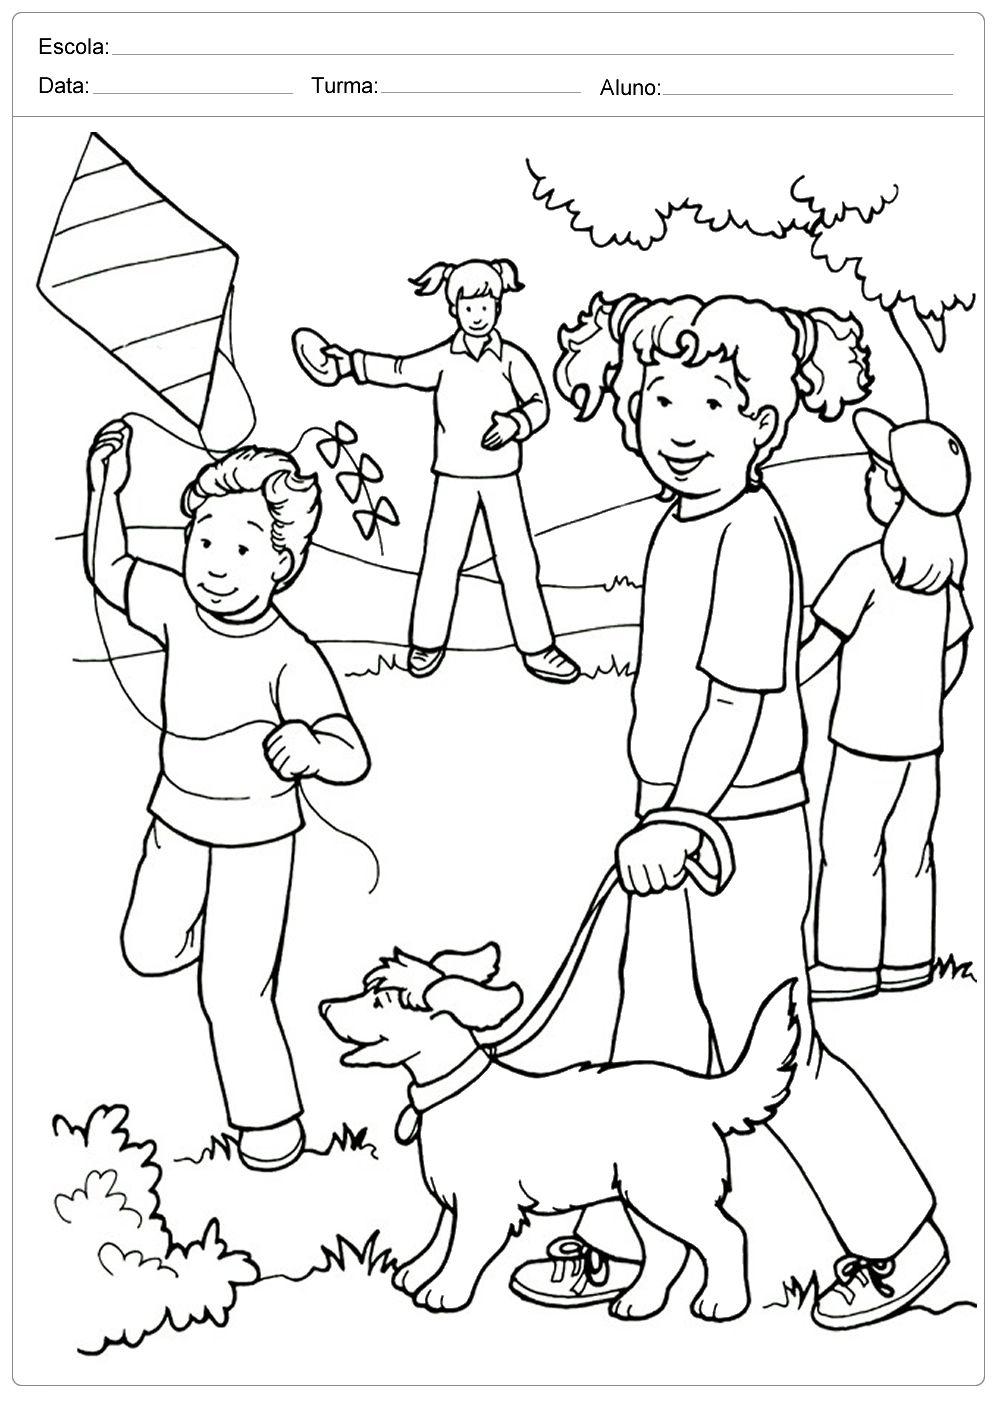 Criancas Brincando Colorir Dia Das Criancas Em 2020 Desenhos